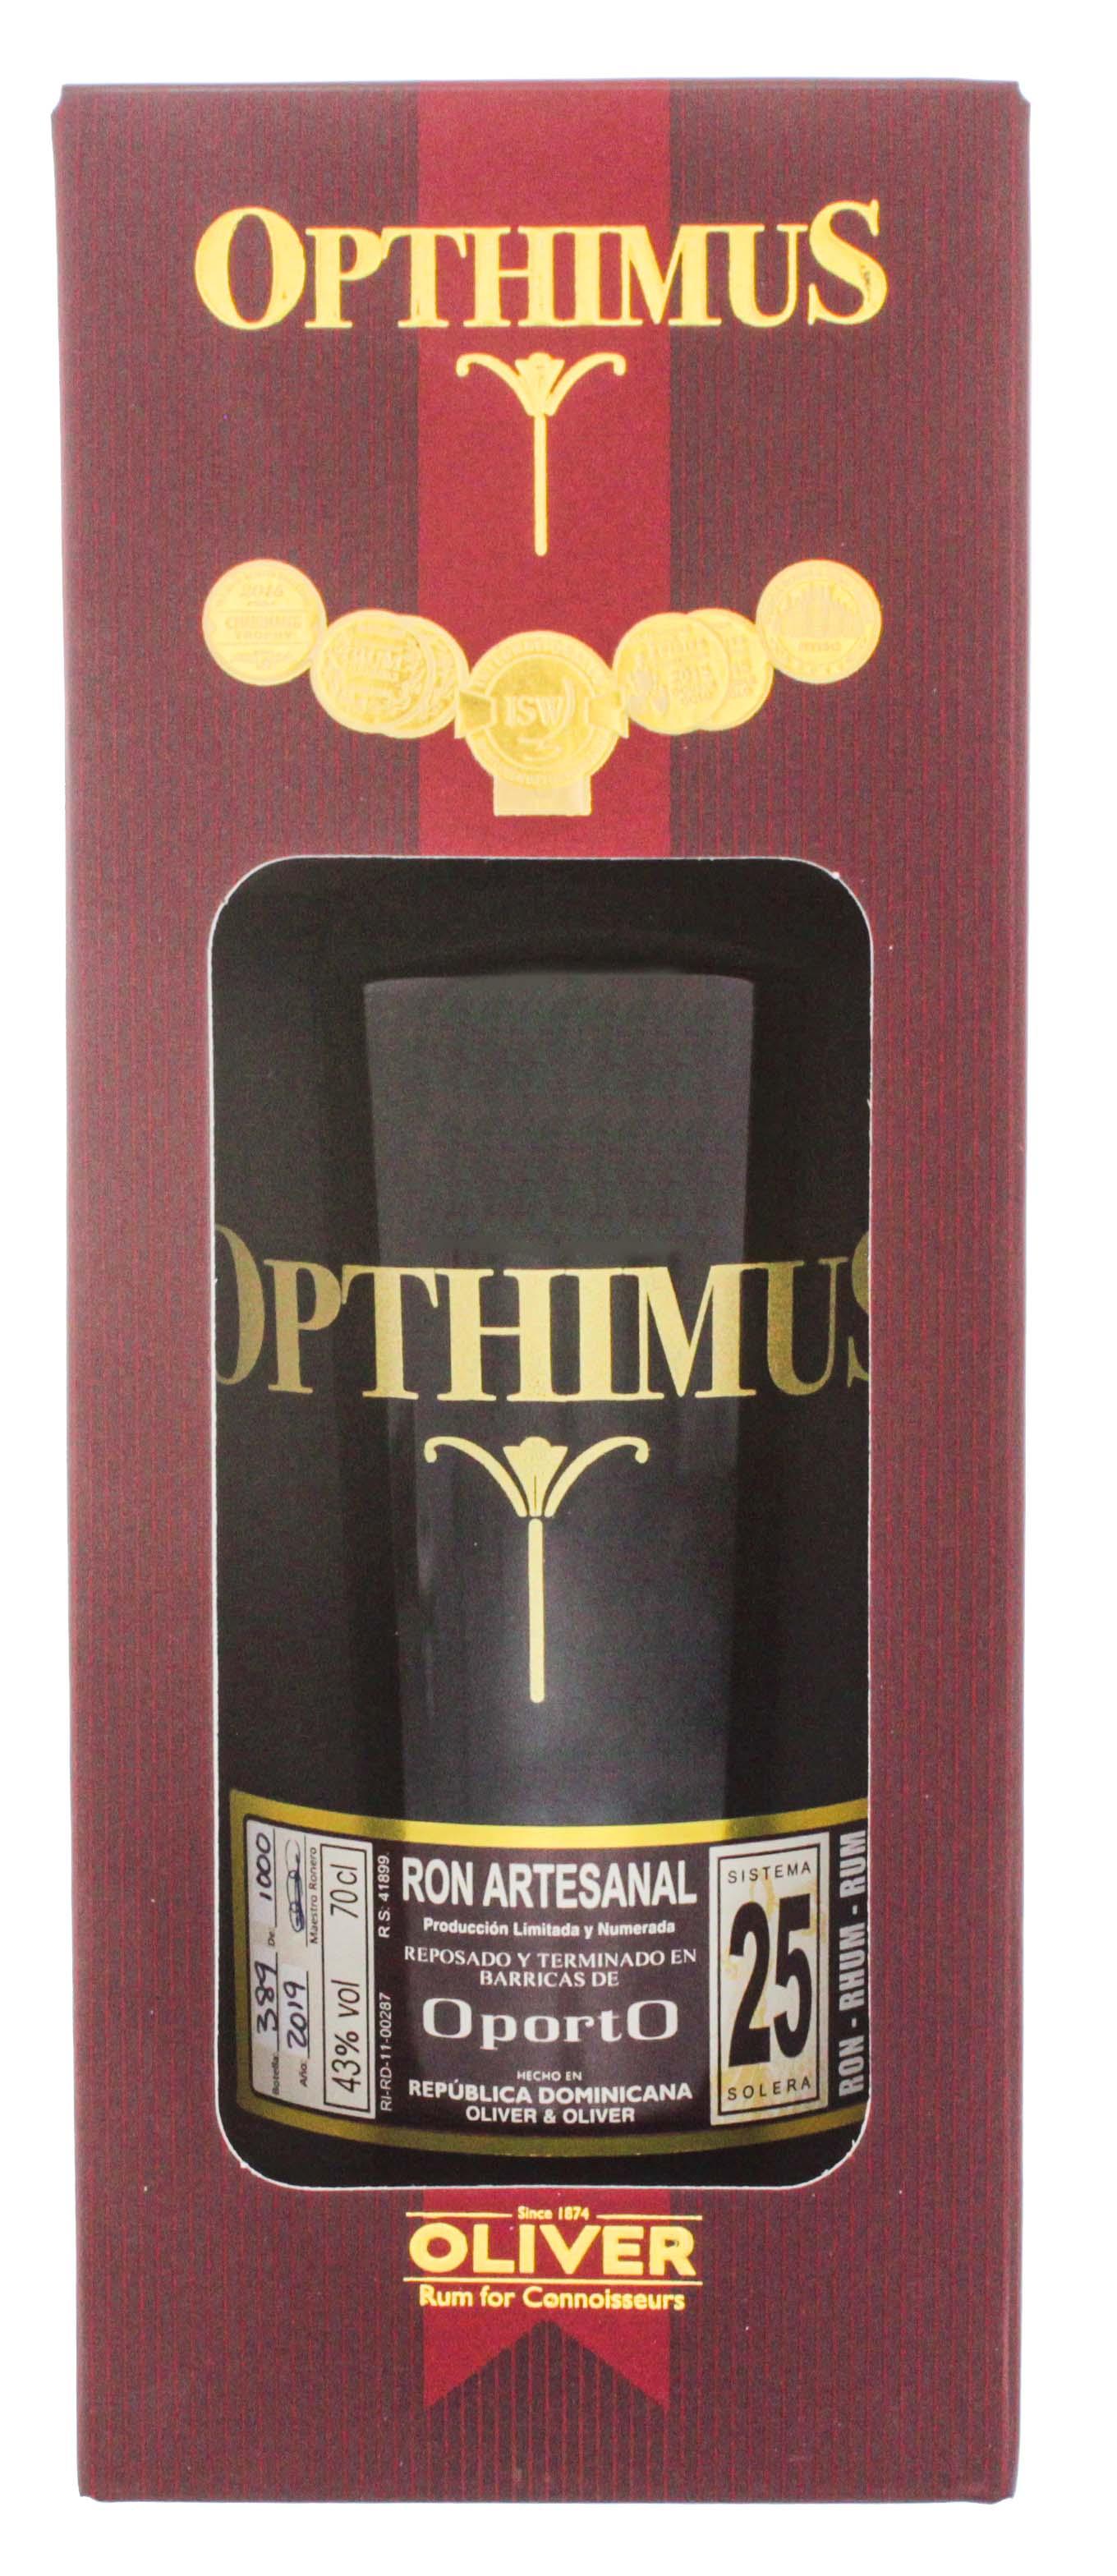 Opthimus 25YO Oporto 0,7L